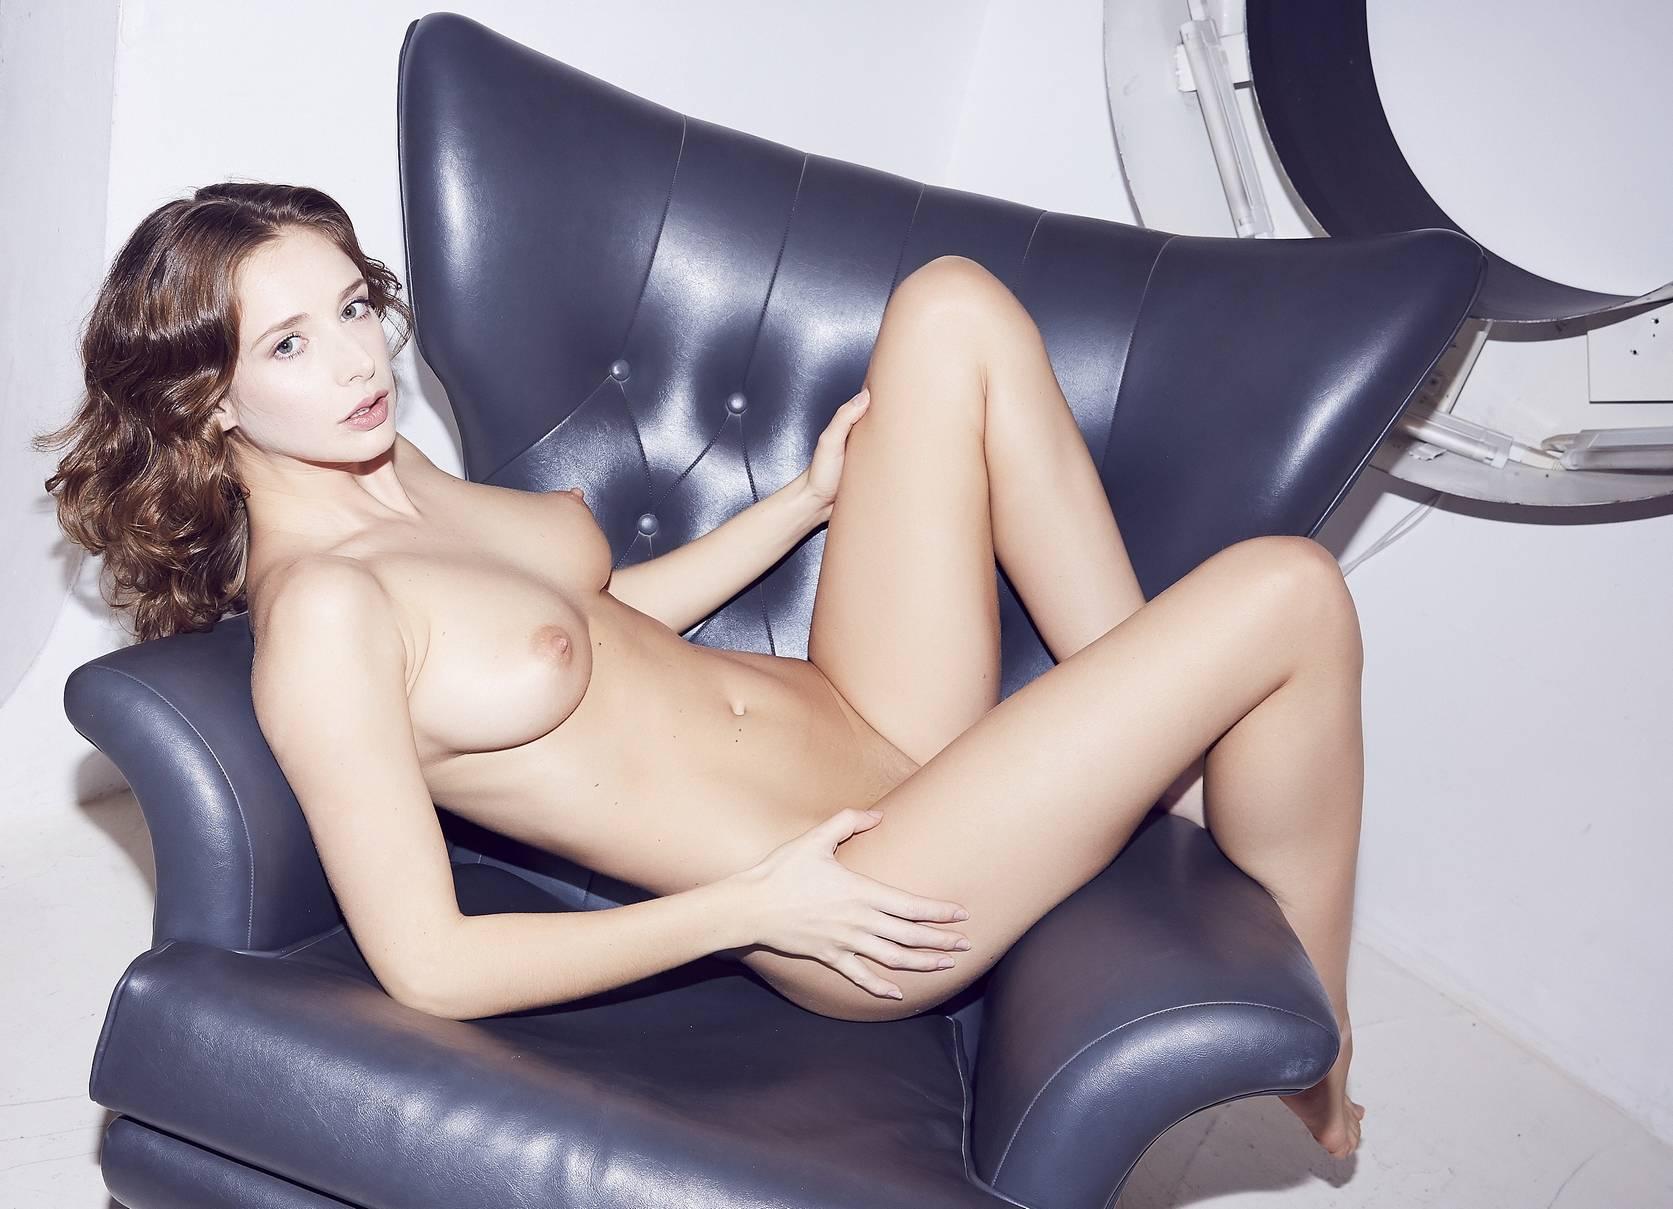 Danielle lloyd nude photos exposed xxx